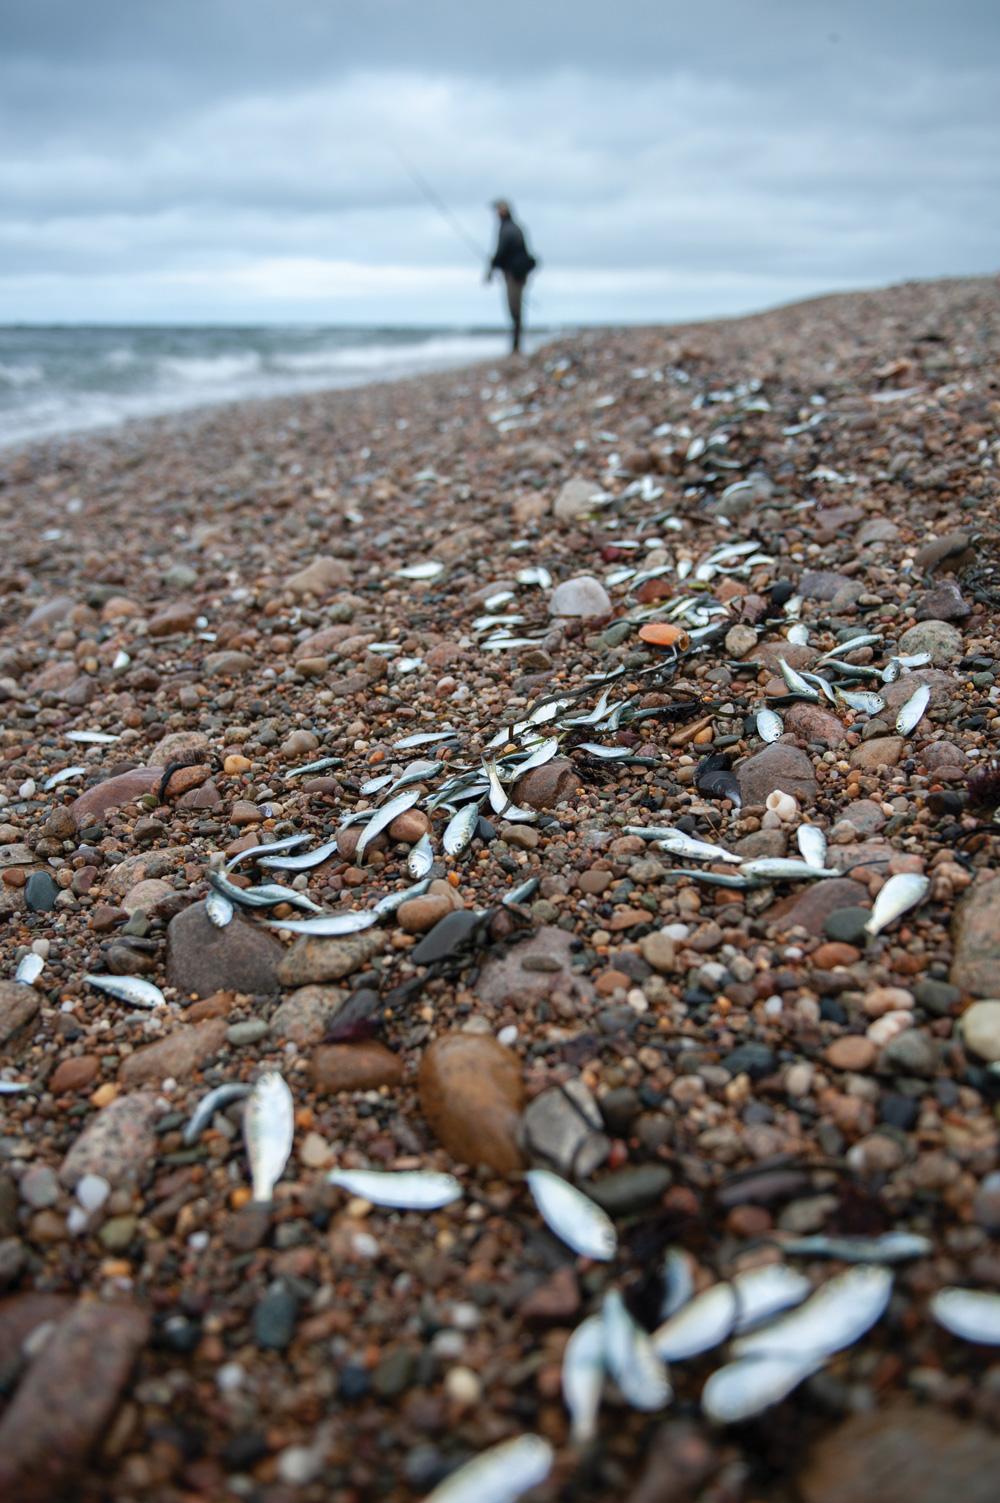 bait on the beach